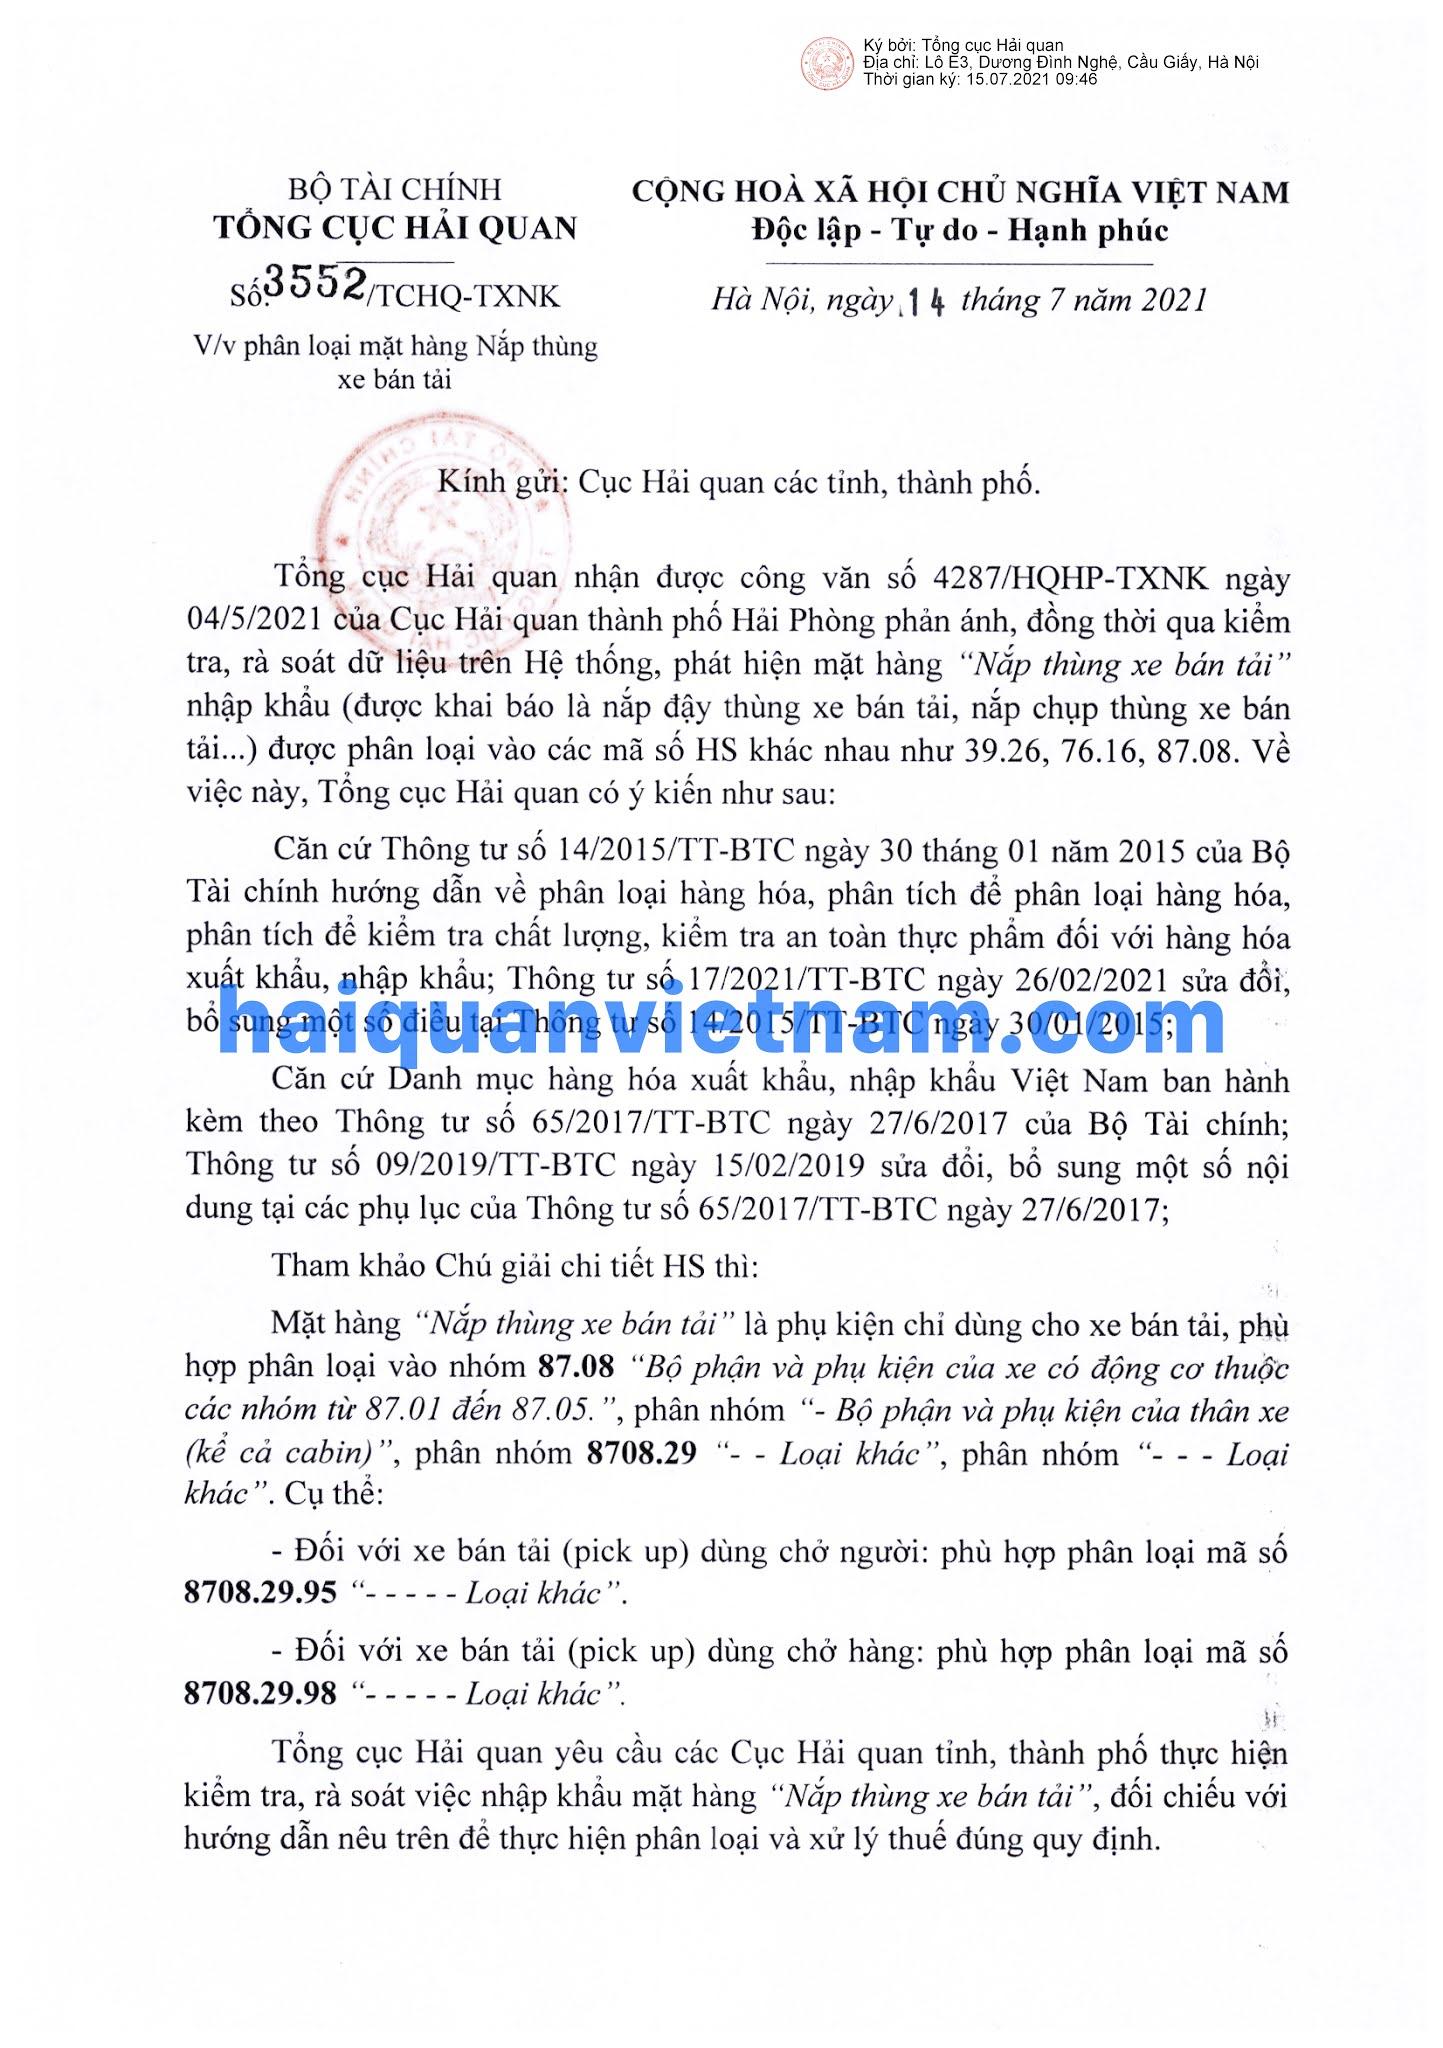 [Image: 210714%2B-%2B3552-TCHQ-TXNK_haiquanvietnam_01.jpg]